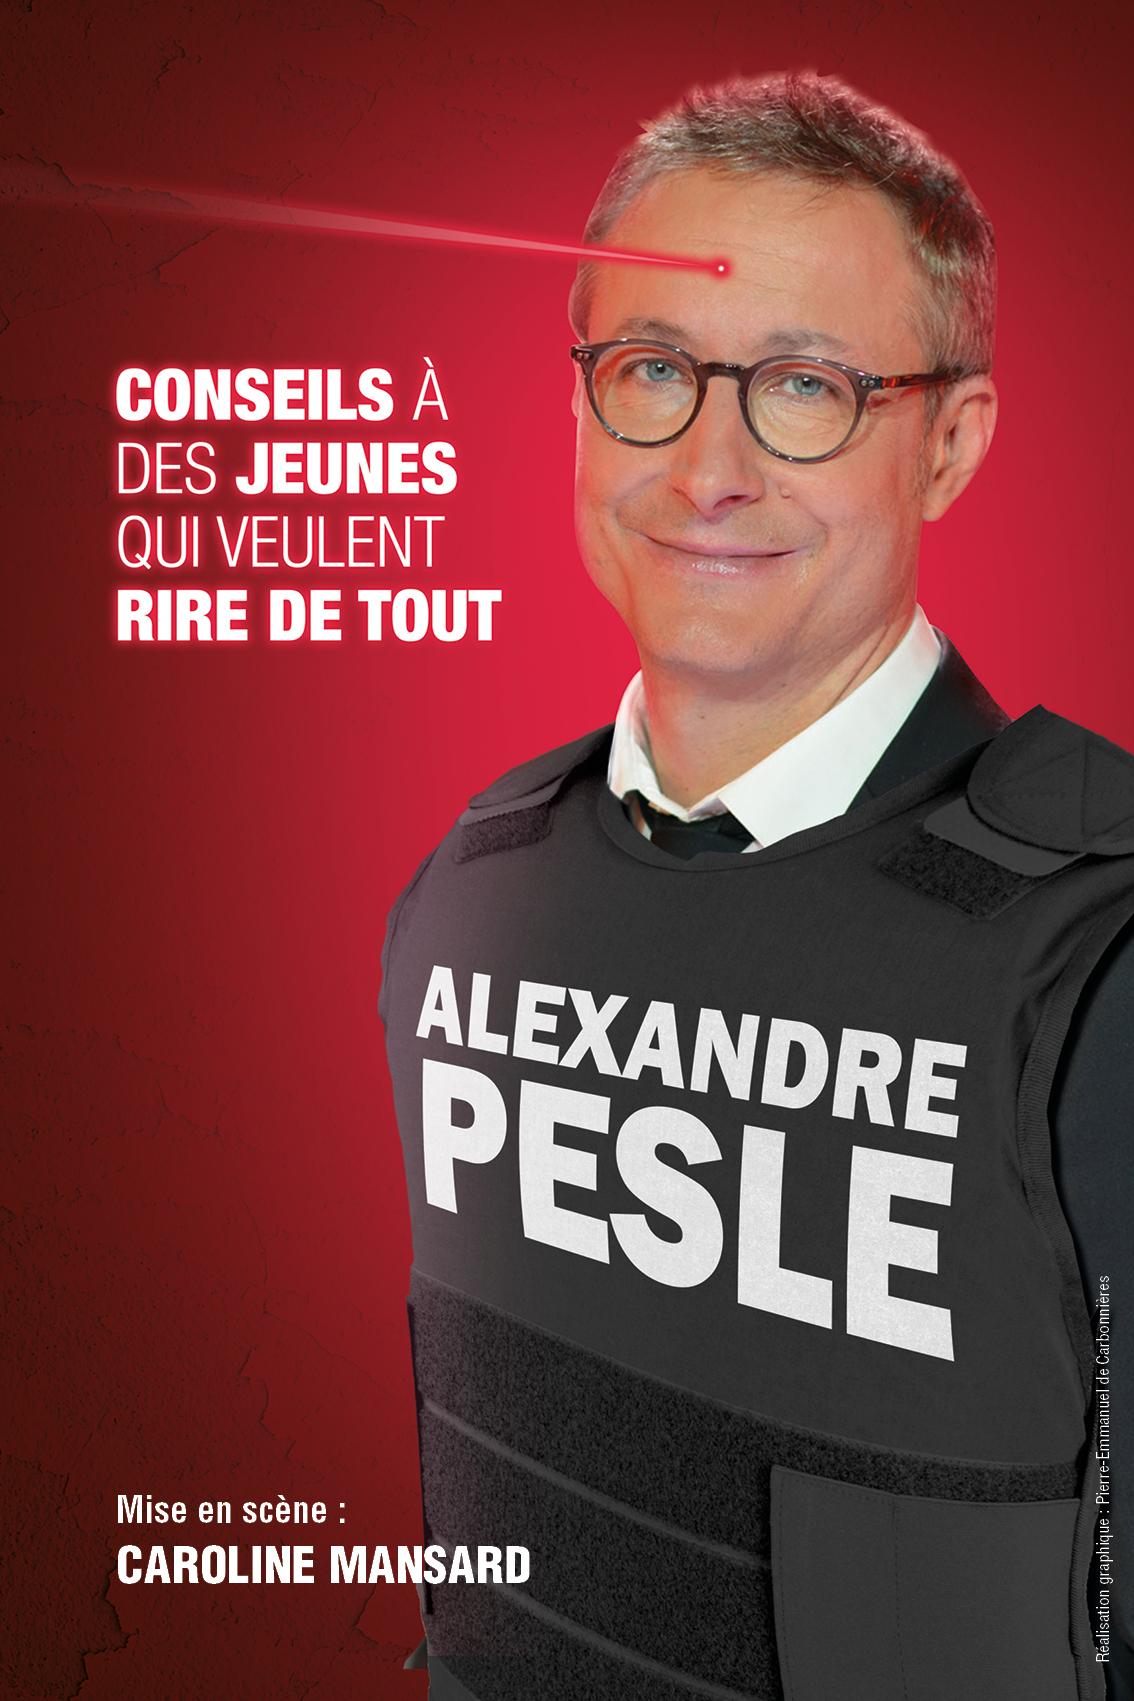 Espace Gerson : Alexandre Pesle - Conseil à des jeunes qui veulent rire de tout